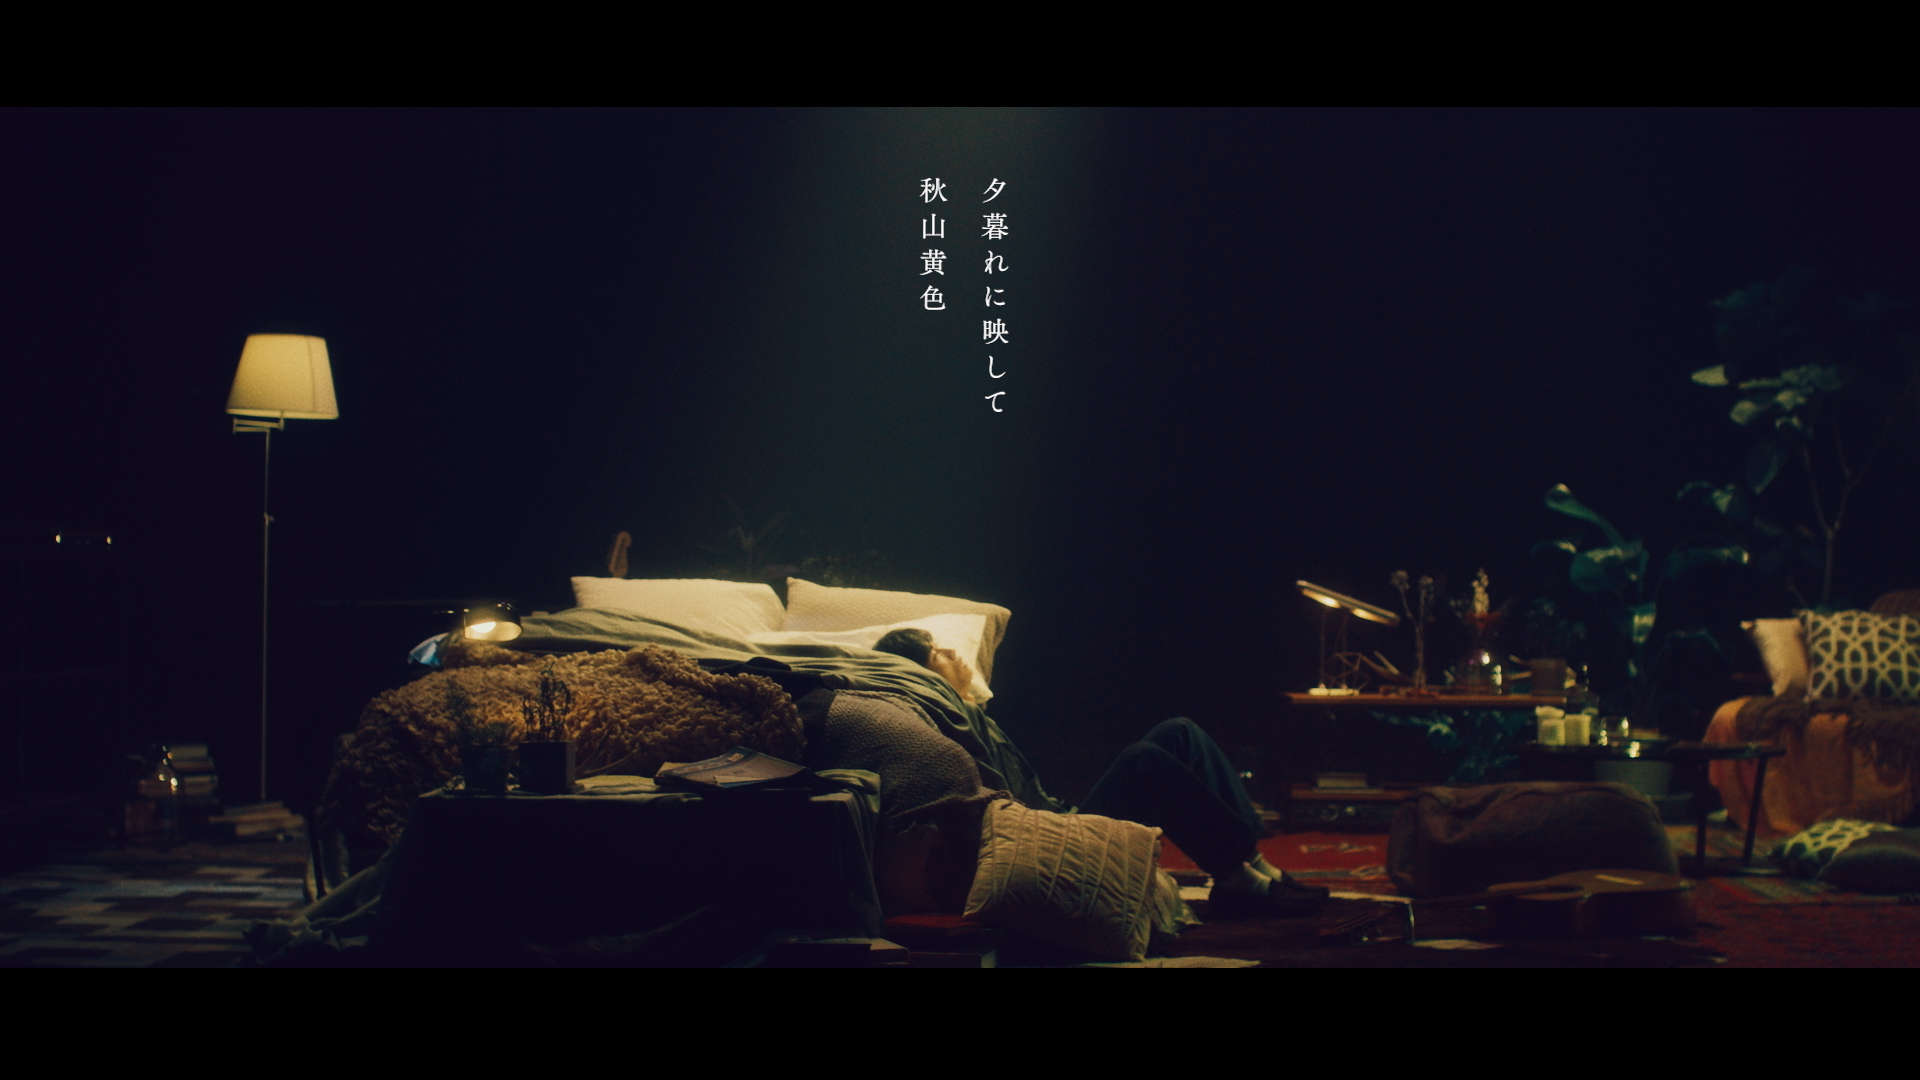 master_QT_fin コピー 01.00_00_47_17.静止画001.jpg